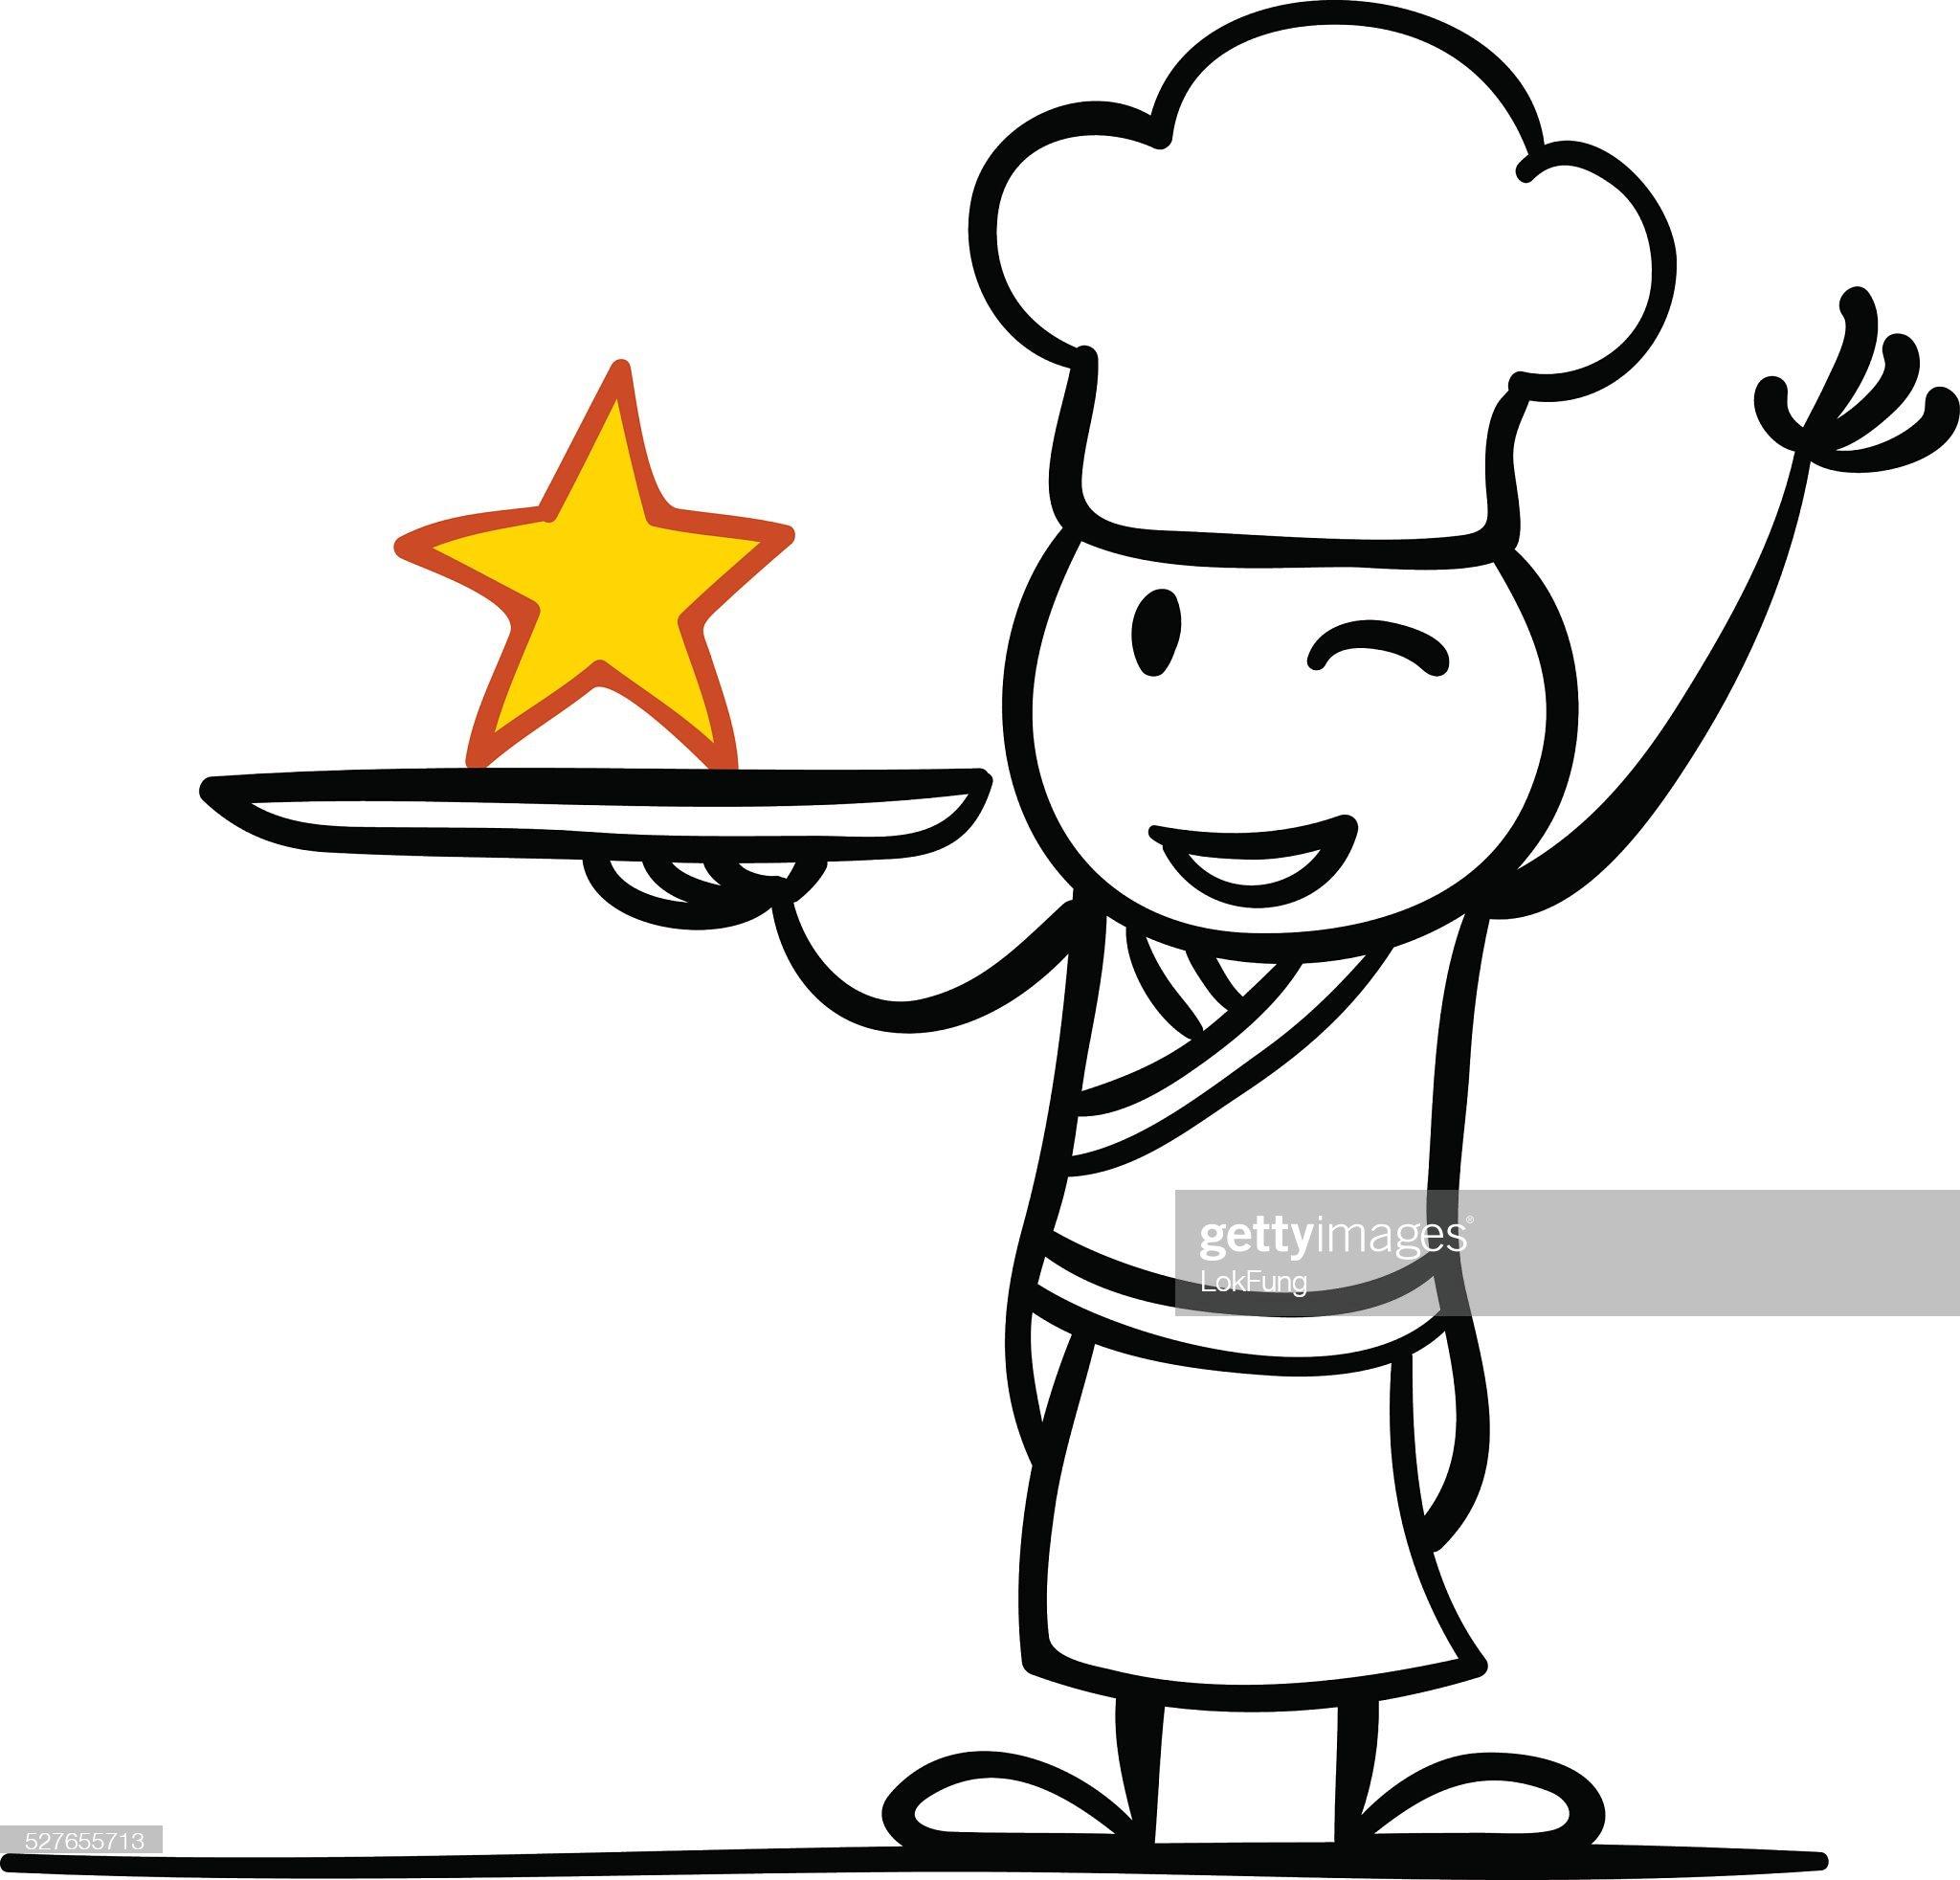 Una Star chef : Illustrazione stock